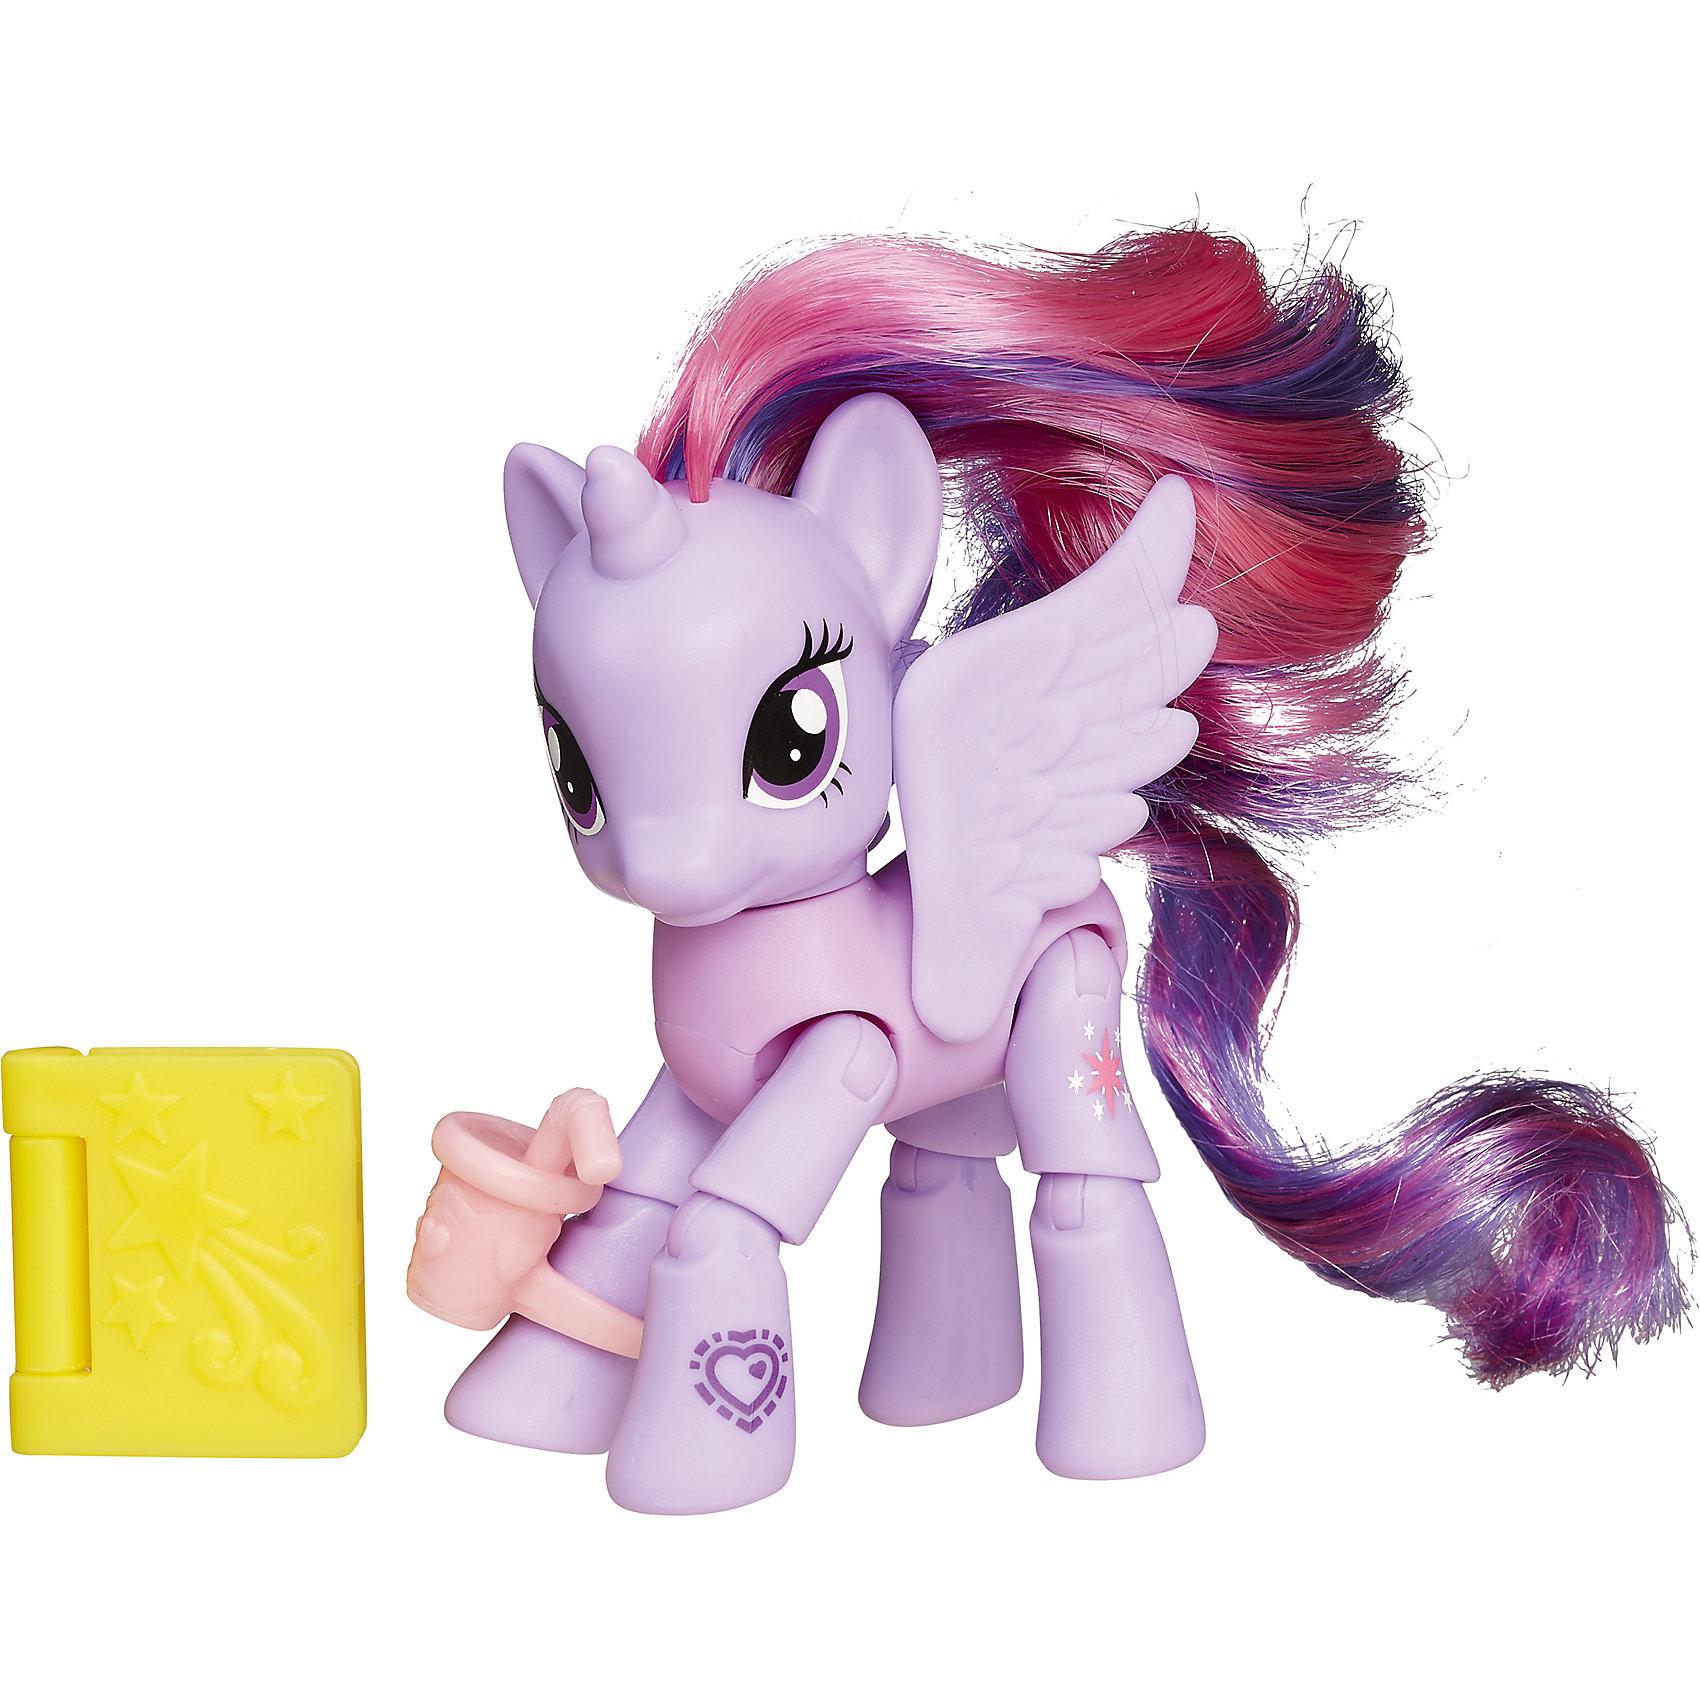 Пони с артикуляцией Твайлайт Спаркл, My little PonyИгрушки<br>Твайтл Спаркл самая любознательная из героинь мультфильма о маленьких пони, ведь она никогда не расстаётся с книжкой и является руководительницей библиотеки. Эта фигурка в точности повторяет персонаж и к тому же сделает игру с ней намного реалистичней, так как лапки лошадки сгибаются и имитируют ходьбу.<br>Особенности:<br>- Очаровательная лошадка напомнит юным поклонницам мультфильма «Моя маленькая пони» персонажа по имени Принцесса Твайлайт Спаркл.<br>- От миловидной мордашки героини с большими глазками сложно оторвать взгляд, а ее роскошные розовые гриву и хвост можно при желании расчесать.<br>- Спаркл очень умная и начитанная, поэтому она никогда не расстаётся с книжкой, а также любит пить вкусные коктейли из миниатюрного стаканчика с трубочкой из комплекта. <br>- На корпусе пони можно заметить QR-код в виде сердечка, который при считывании через тематическое электронное приложение, окунет детей в мир игр, посвящённых мультфильму.<br>- Позы и движения лошадки будут выглядеть очень реалистично благодаря ее сгибающимся лапкам.<br>- Дети смогут сами придумать перипетии сюжетной игры по мотивам мультфильма с участием игрушки и разовьют фантазию, придумывая диалоги для героев.<br>- Лошадка выполнена из прочного пластика высокого качества, а ее части тела надёжно соединены друг с другом.<br>Характеристики:<br>Возраст: от 3 лет.<br>Размер упаковки: 18 х 5 х 18 см.<br>В комплекте: пони, аксессуары.<br>Вес: 0,1 кг.<br><br>Ширина мм: 181<br>Глубина мм: 159<br>Высота мм: 55<br>Вес г: 111<br>Возраст от месяцев: 48<br>Возраст до месяцев: 120<br>Пол: Женский<br>Возраст: Детский<br>SKU: 5246351